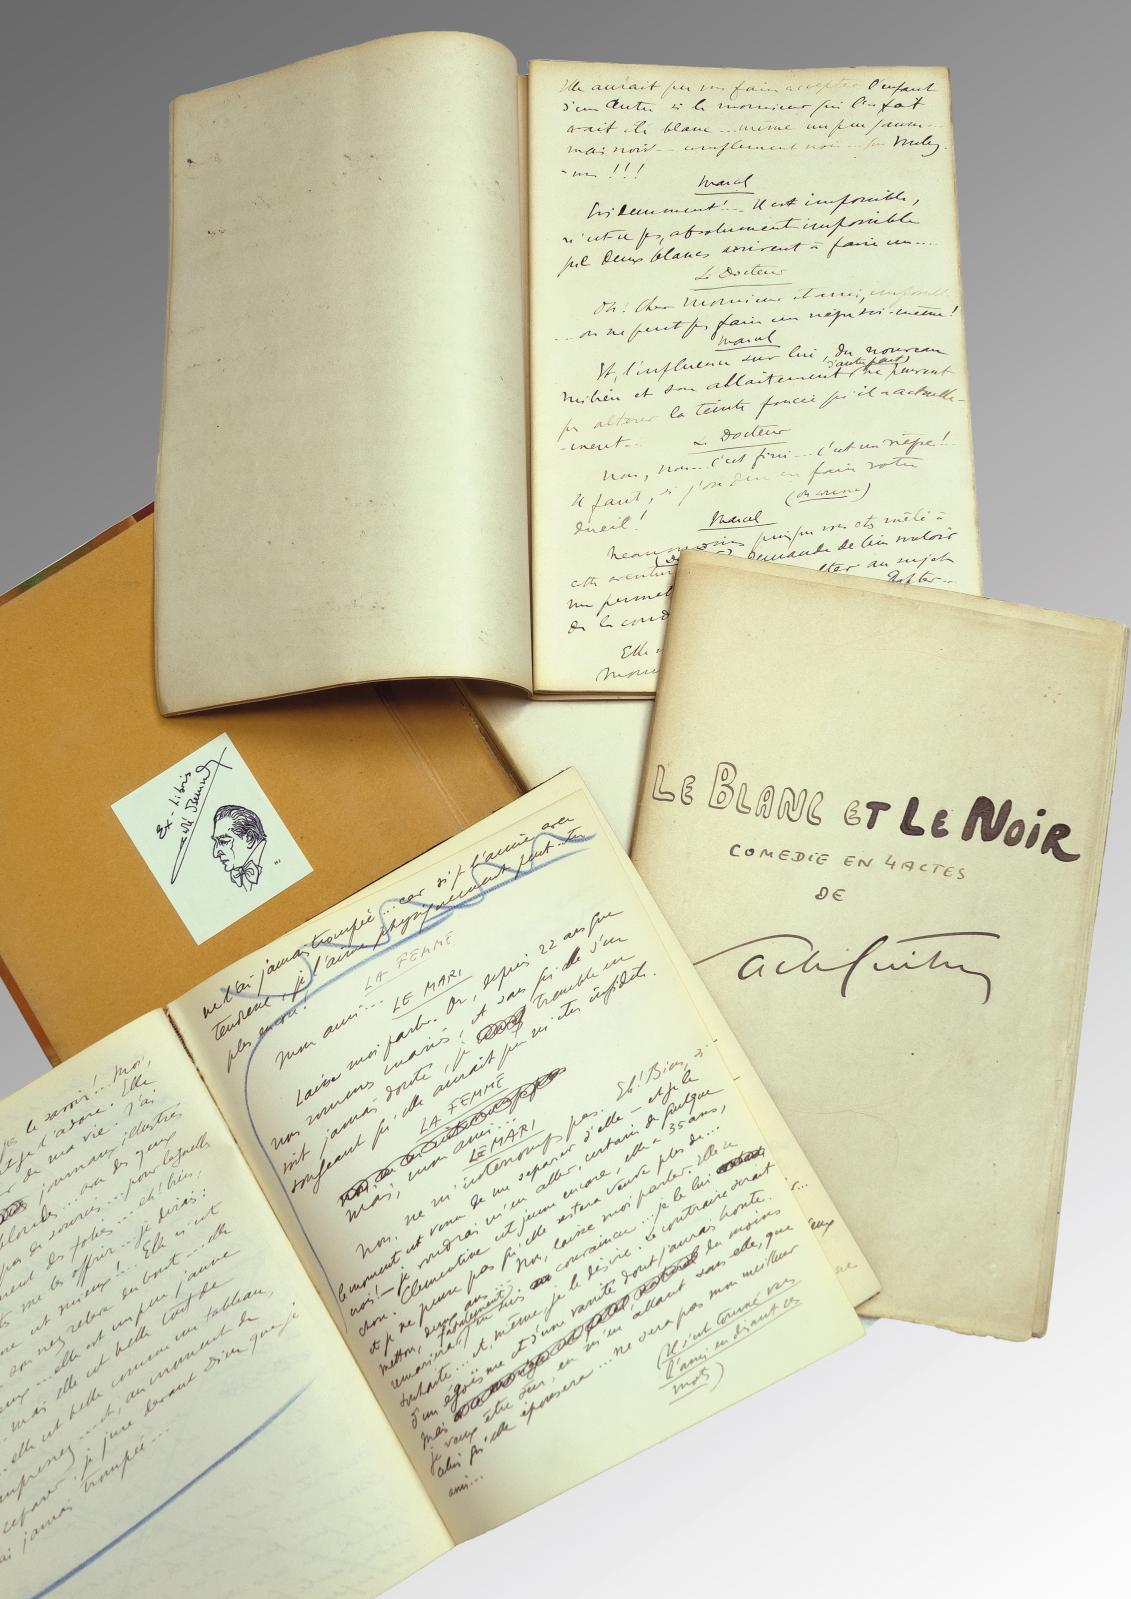 Sacha Guitry (1885-1957), Le Blanc et Le Noir, comédie en quatre actes, manuscrit de travail autographe signé, 143 pages in-folio, chemise